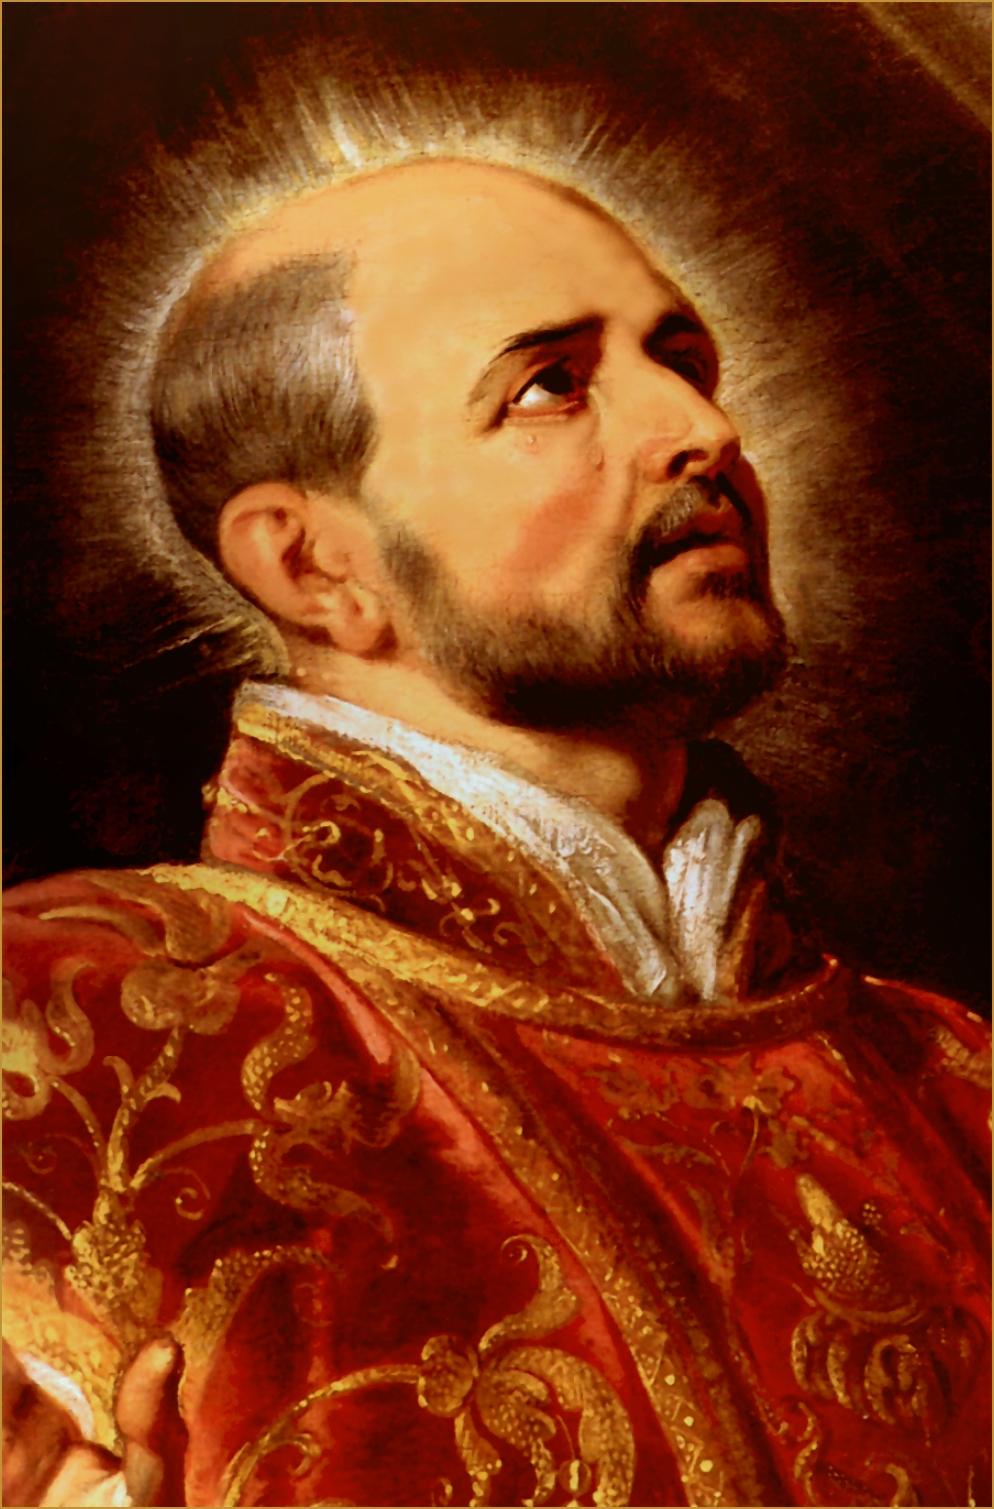 Loyola ignatius